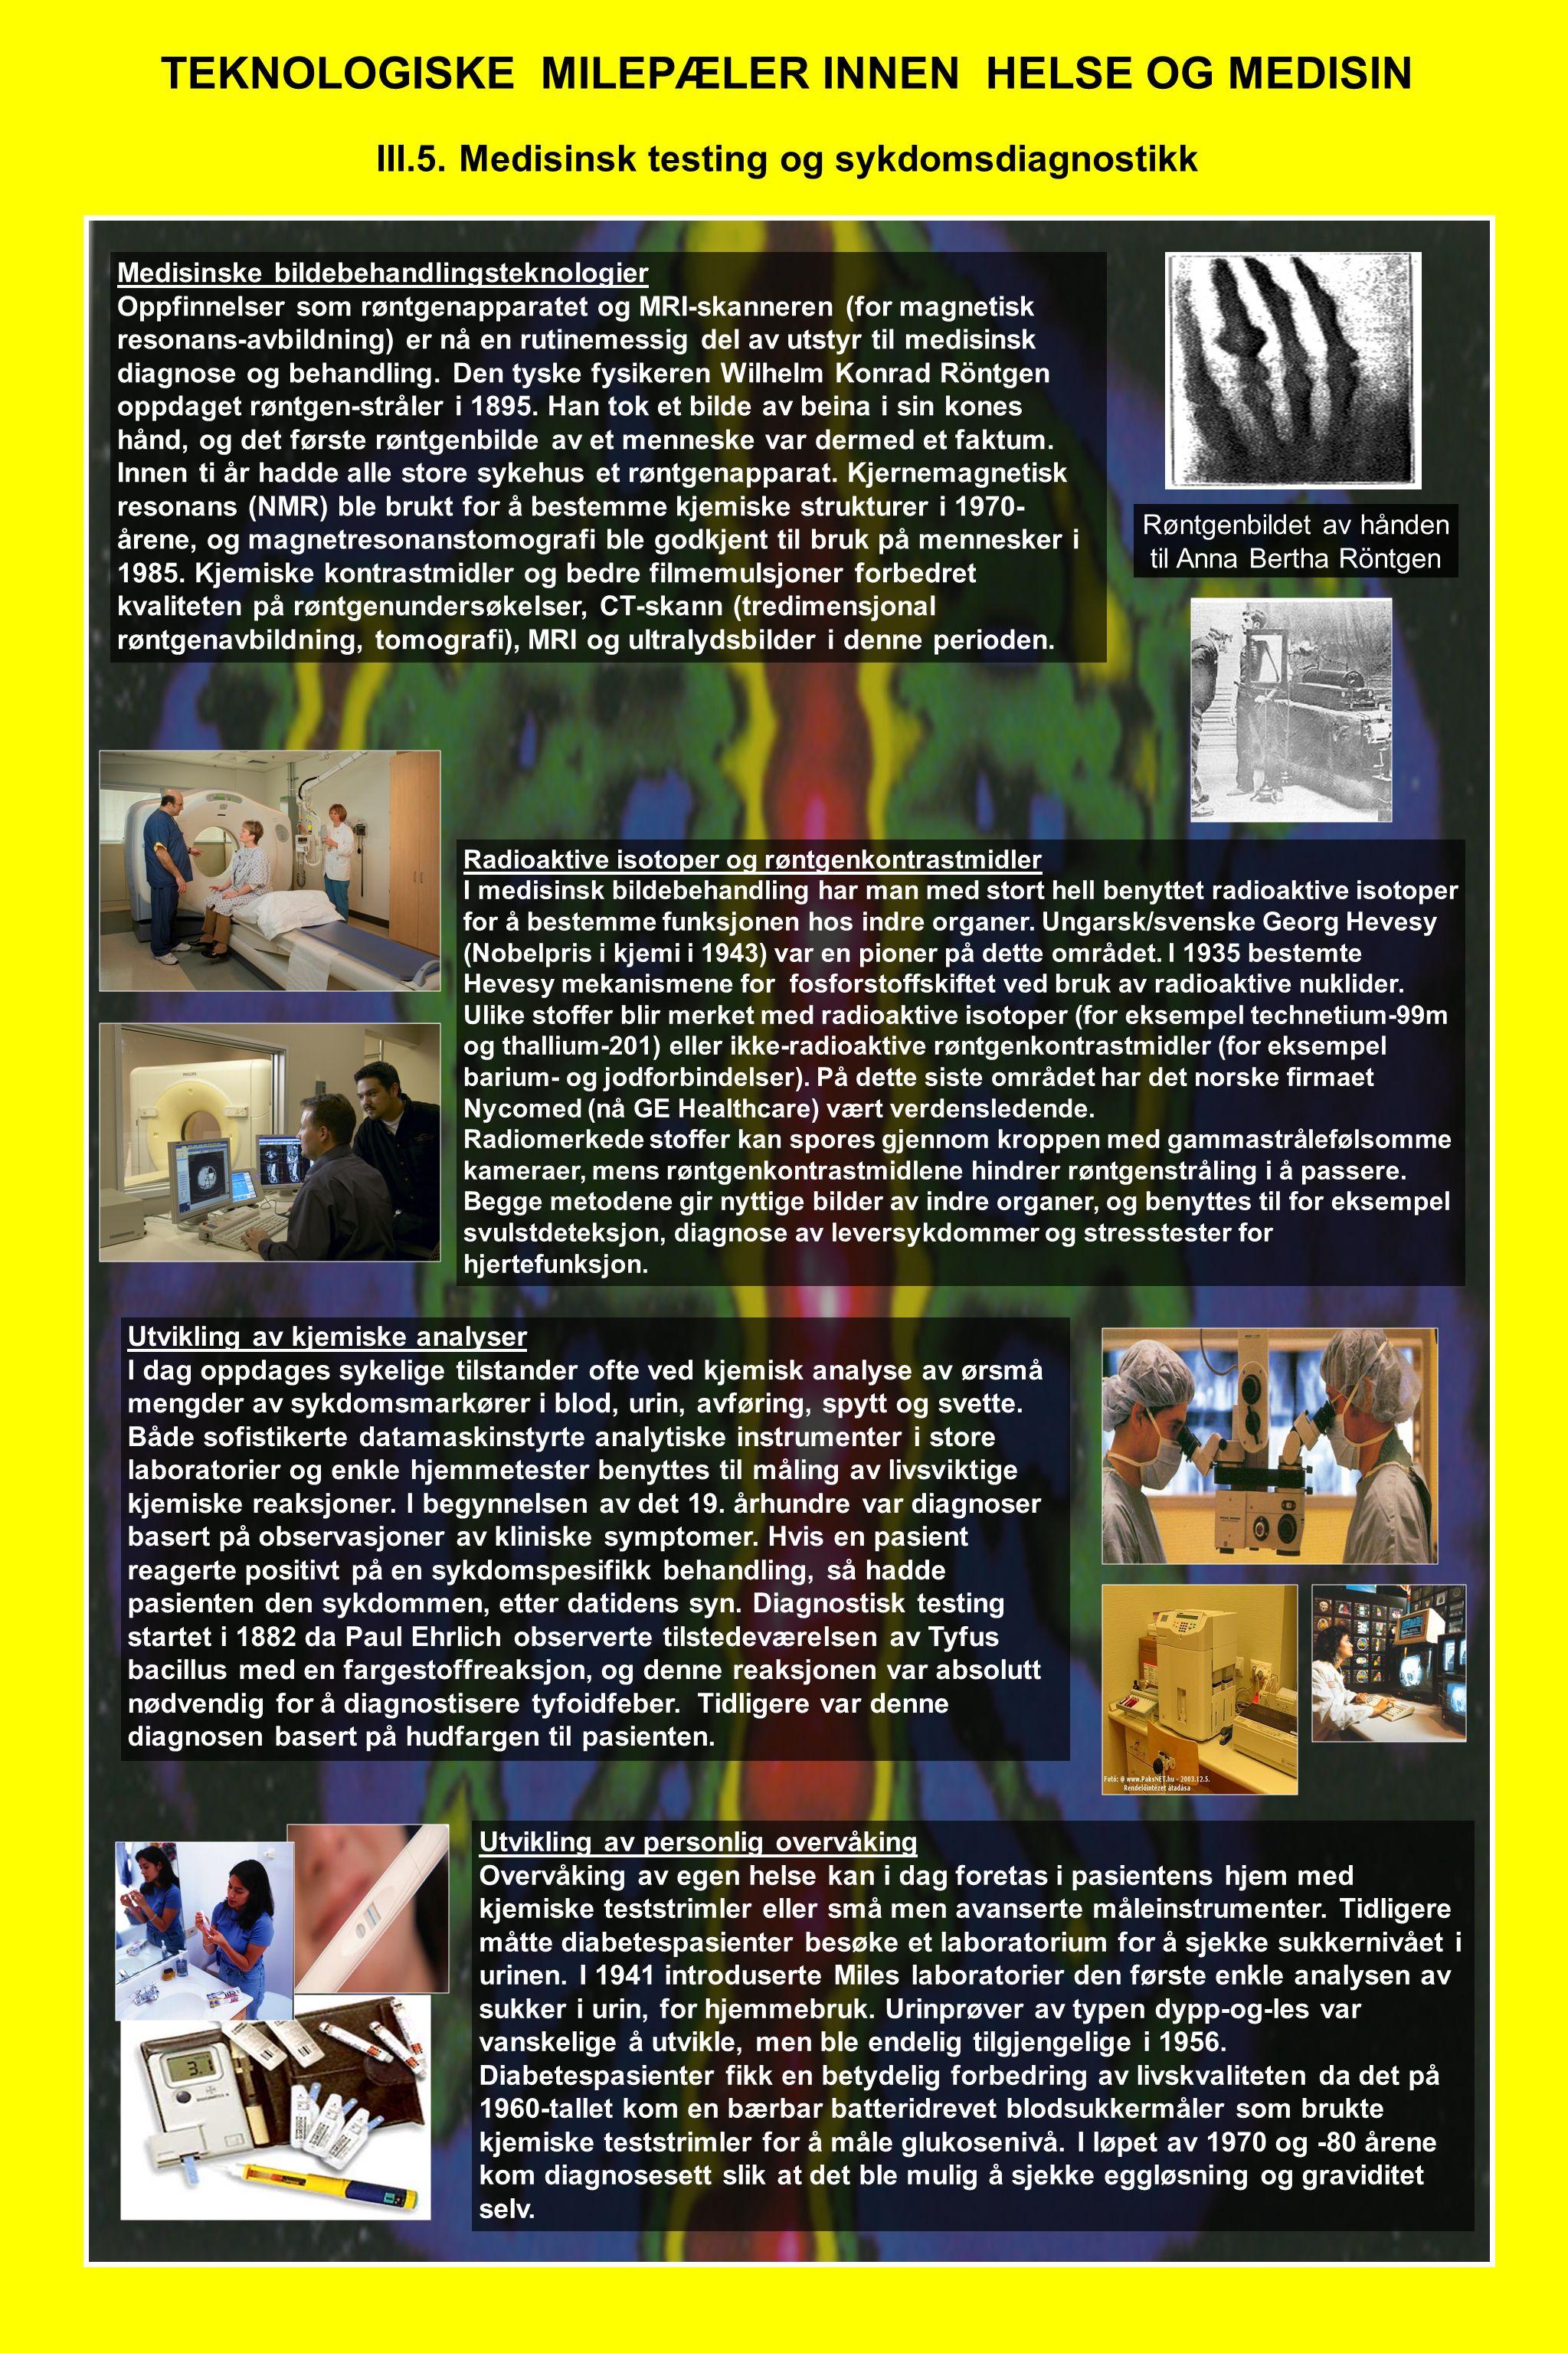 TEKNOLOGISKE MILEPÆLER INNEN HELSE OG MEDISIN III.5. Medisinsk testing og sykdomsdiagnostikk Medisinske bildebehandlingsteknologier Oppfinnelser som r